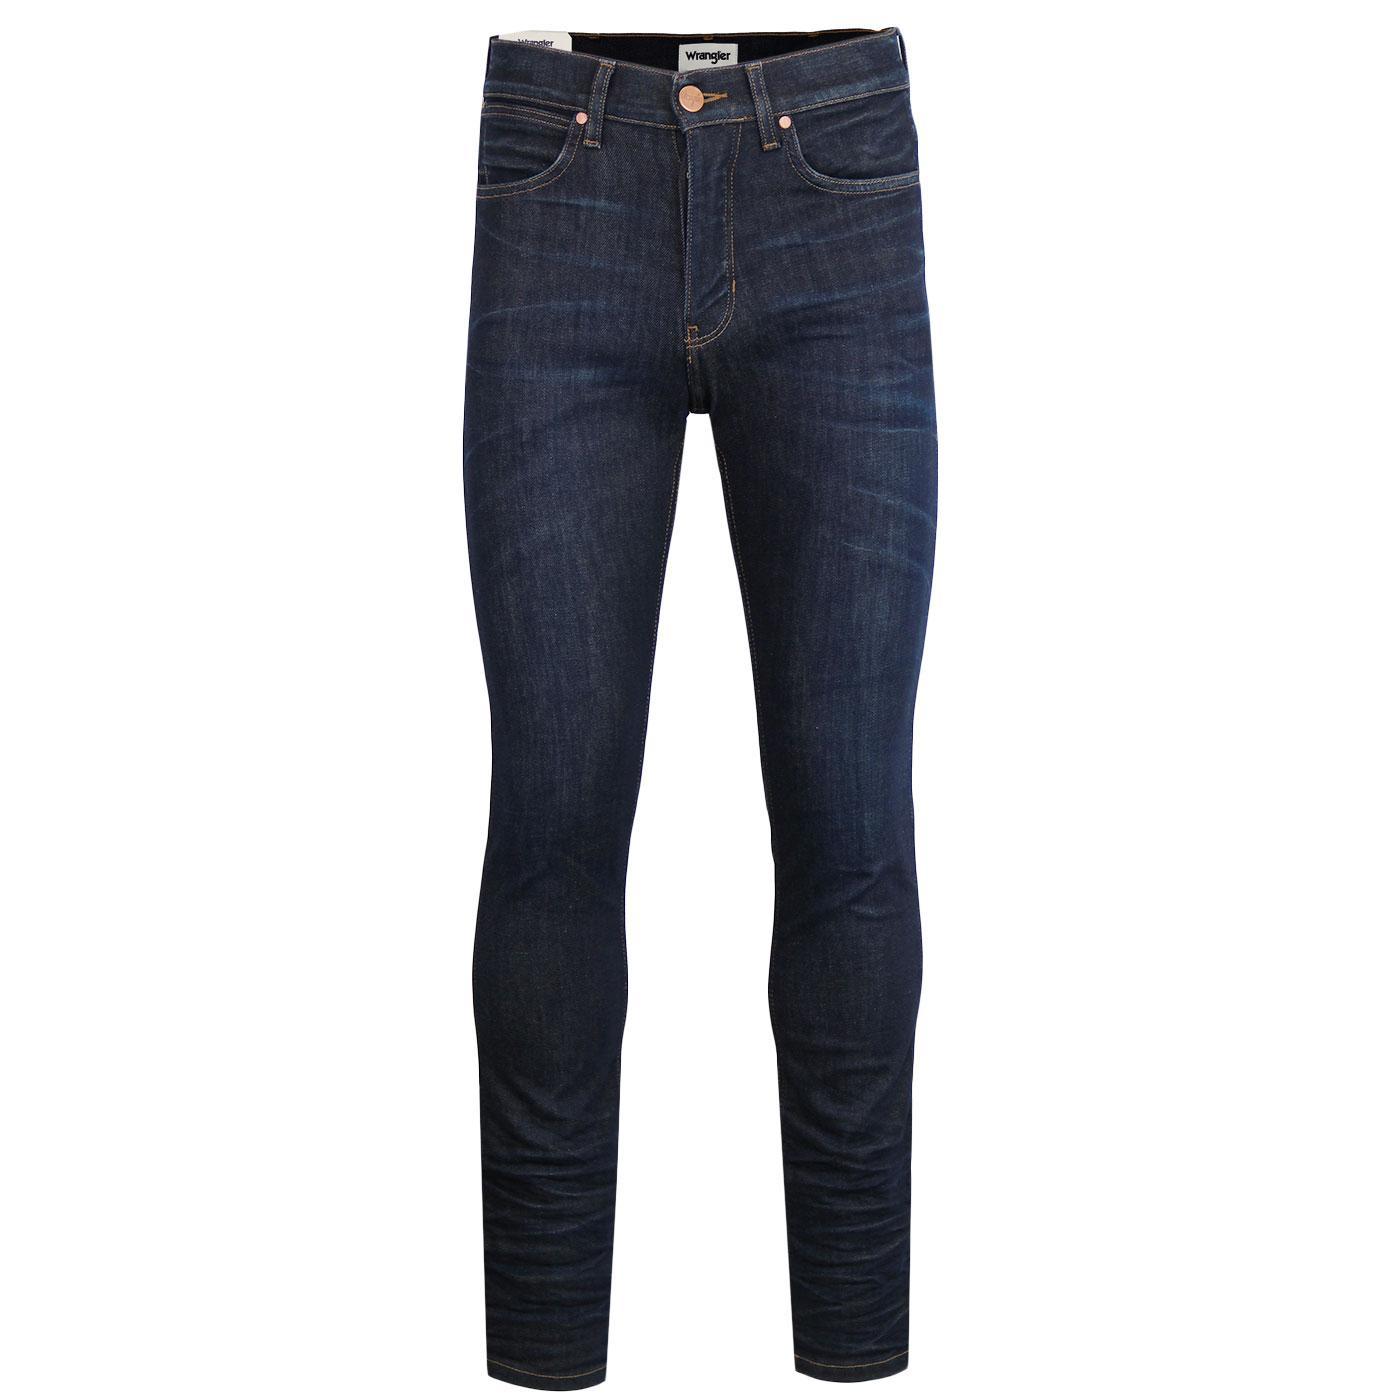 Spencer WRANGLER Retro Mod Slim Denim Jeans RINSE